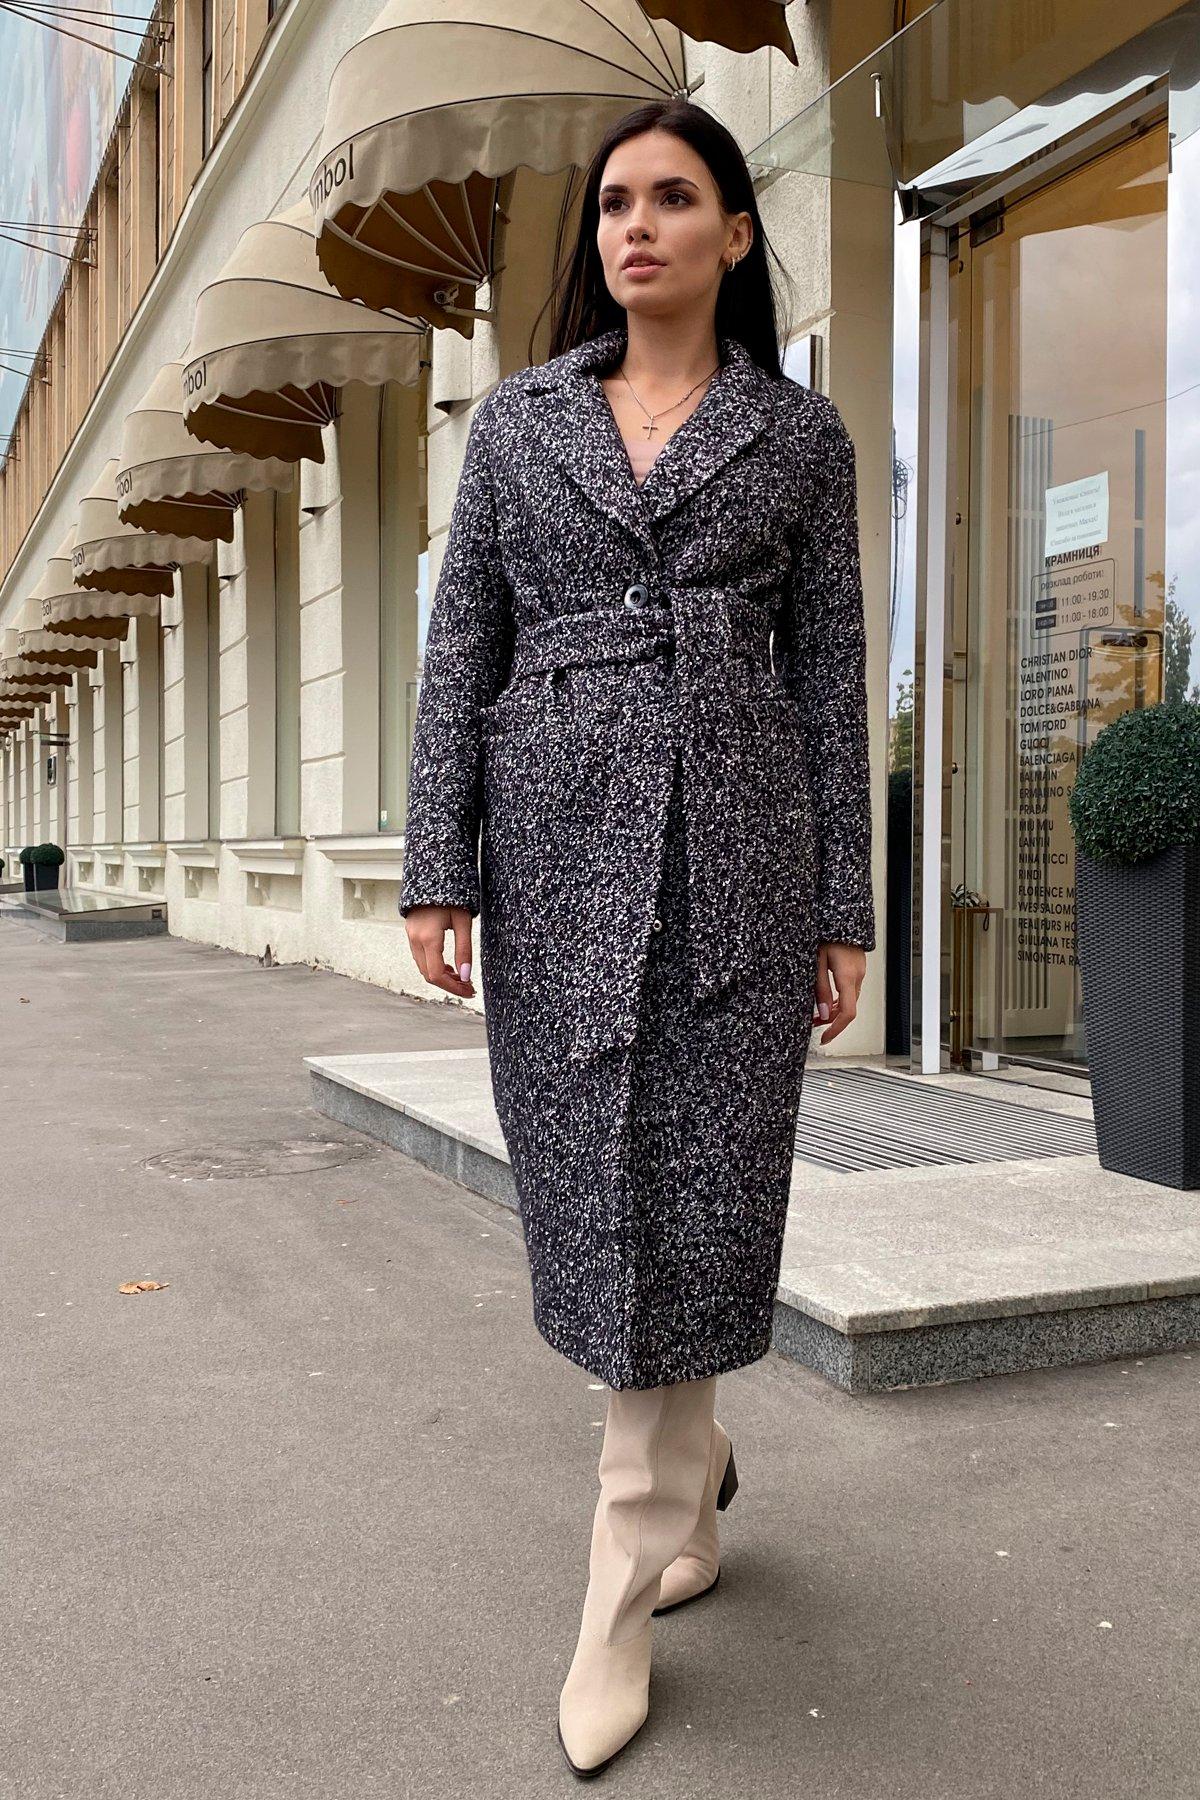 Теплое зимнее пальто буклированная шерсть Вива макси 8349 АРТ. 44517 Цвет: Черный/серый 61 - фото 11, интернет магазин tm-modus.ru